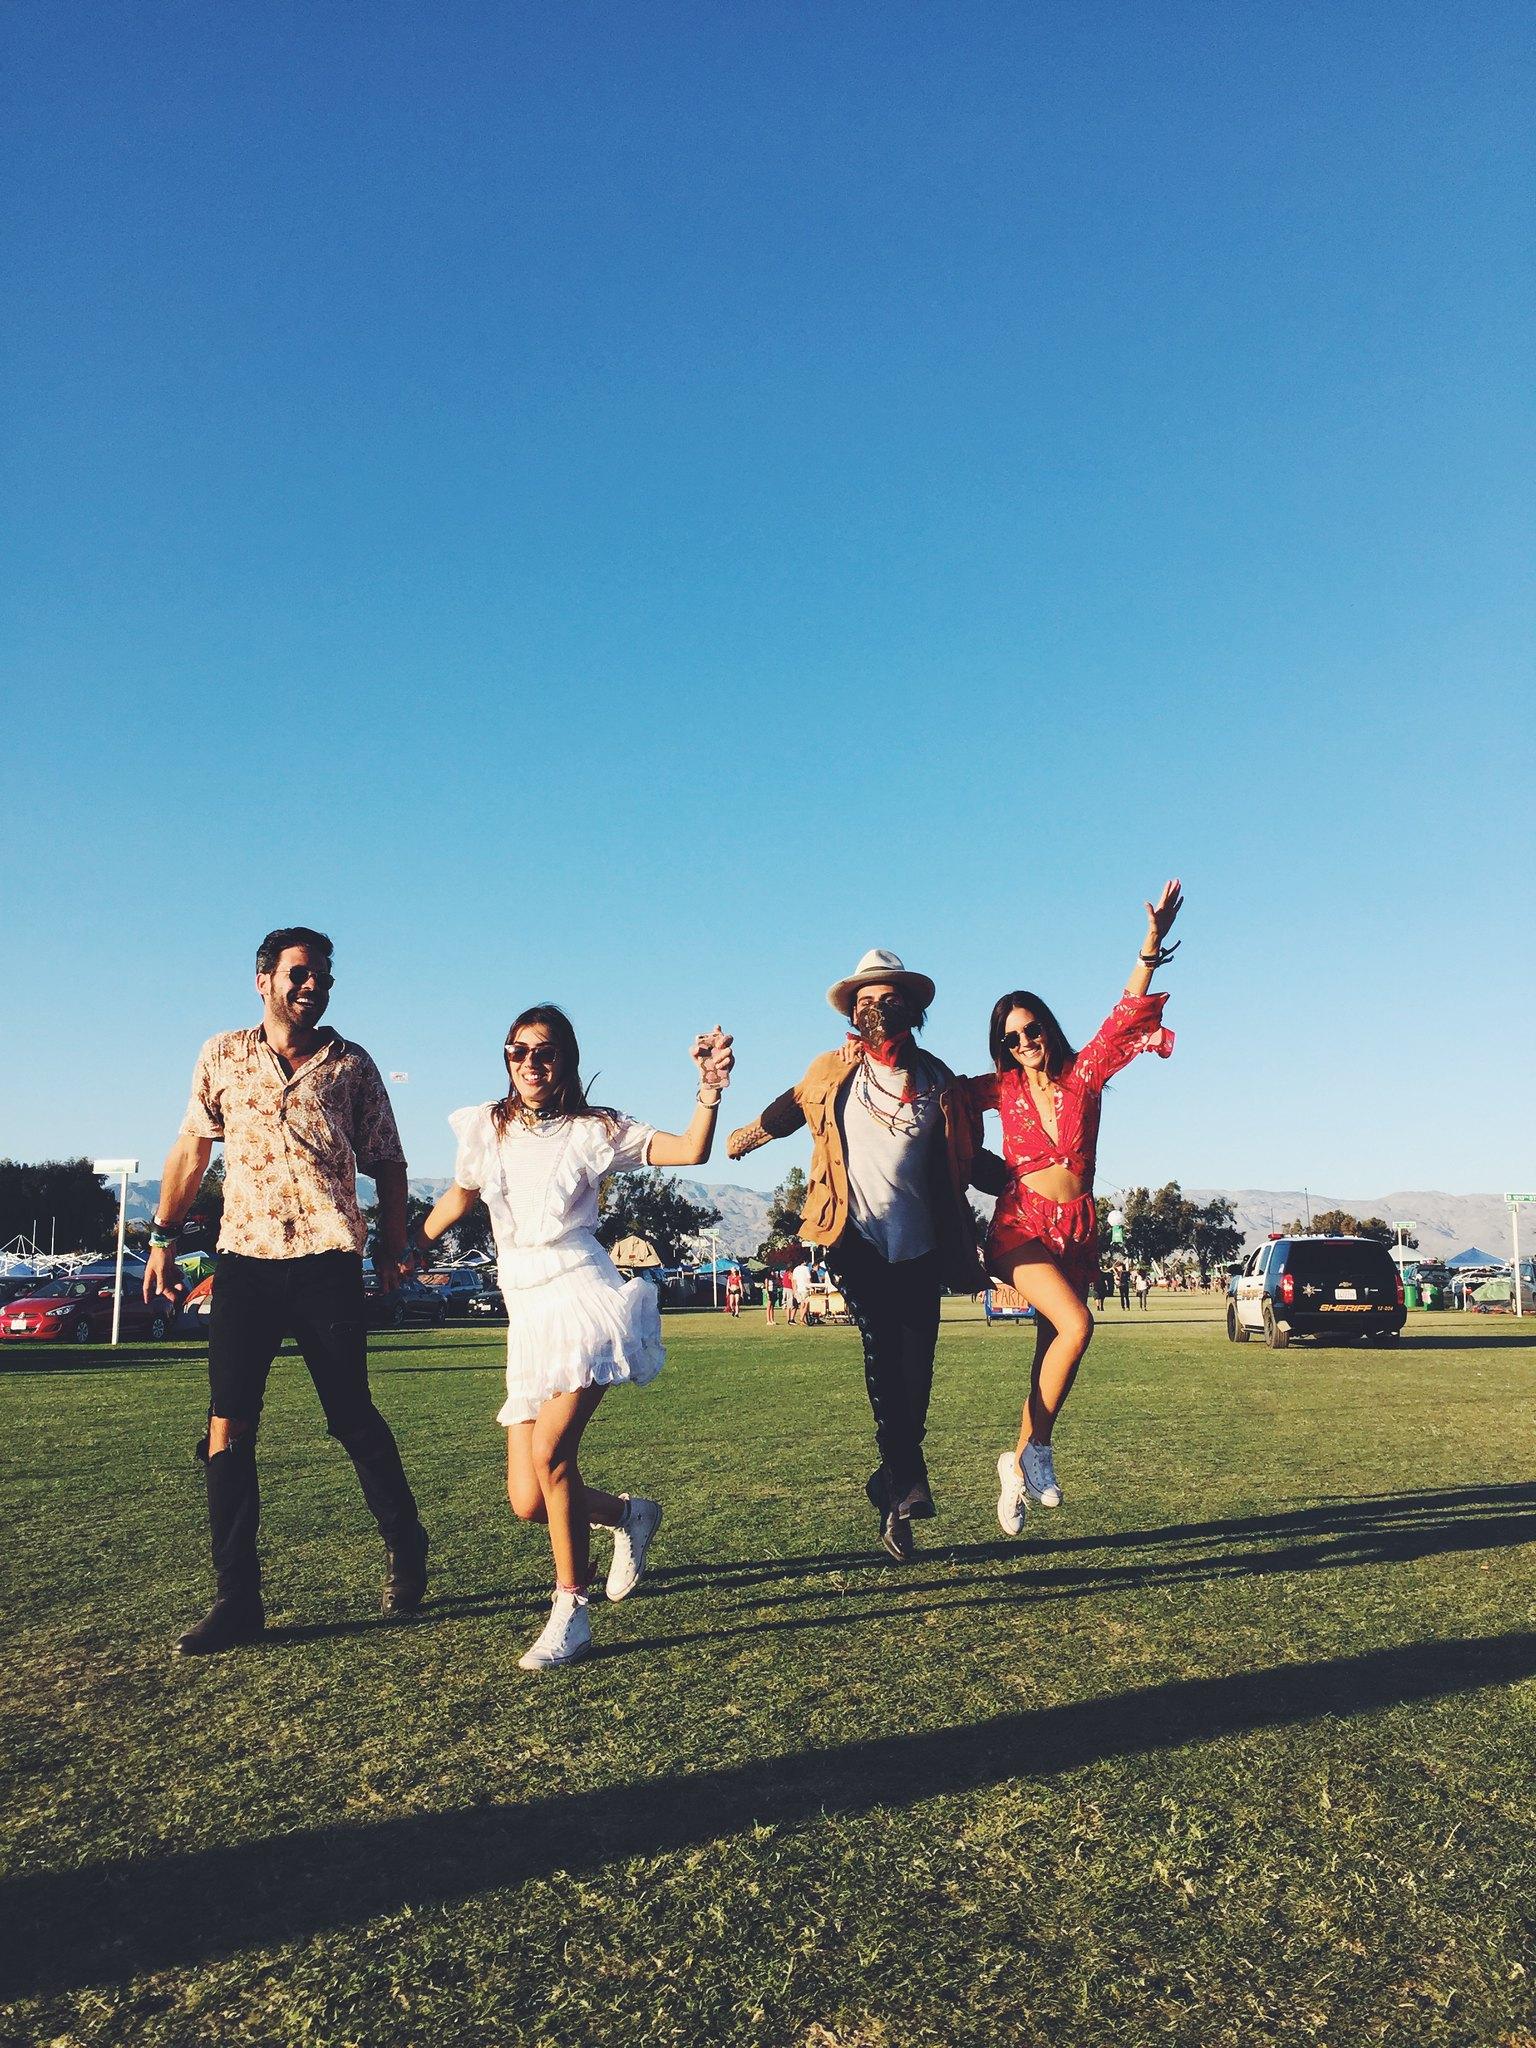 giotto_calendoli_patricia_manfield_gala_gonzalez_miguel_carrizo_coachella_ilcarritzi_california_music_festival_la_4